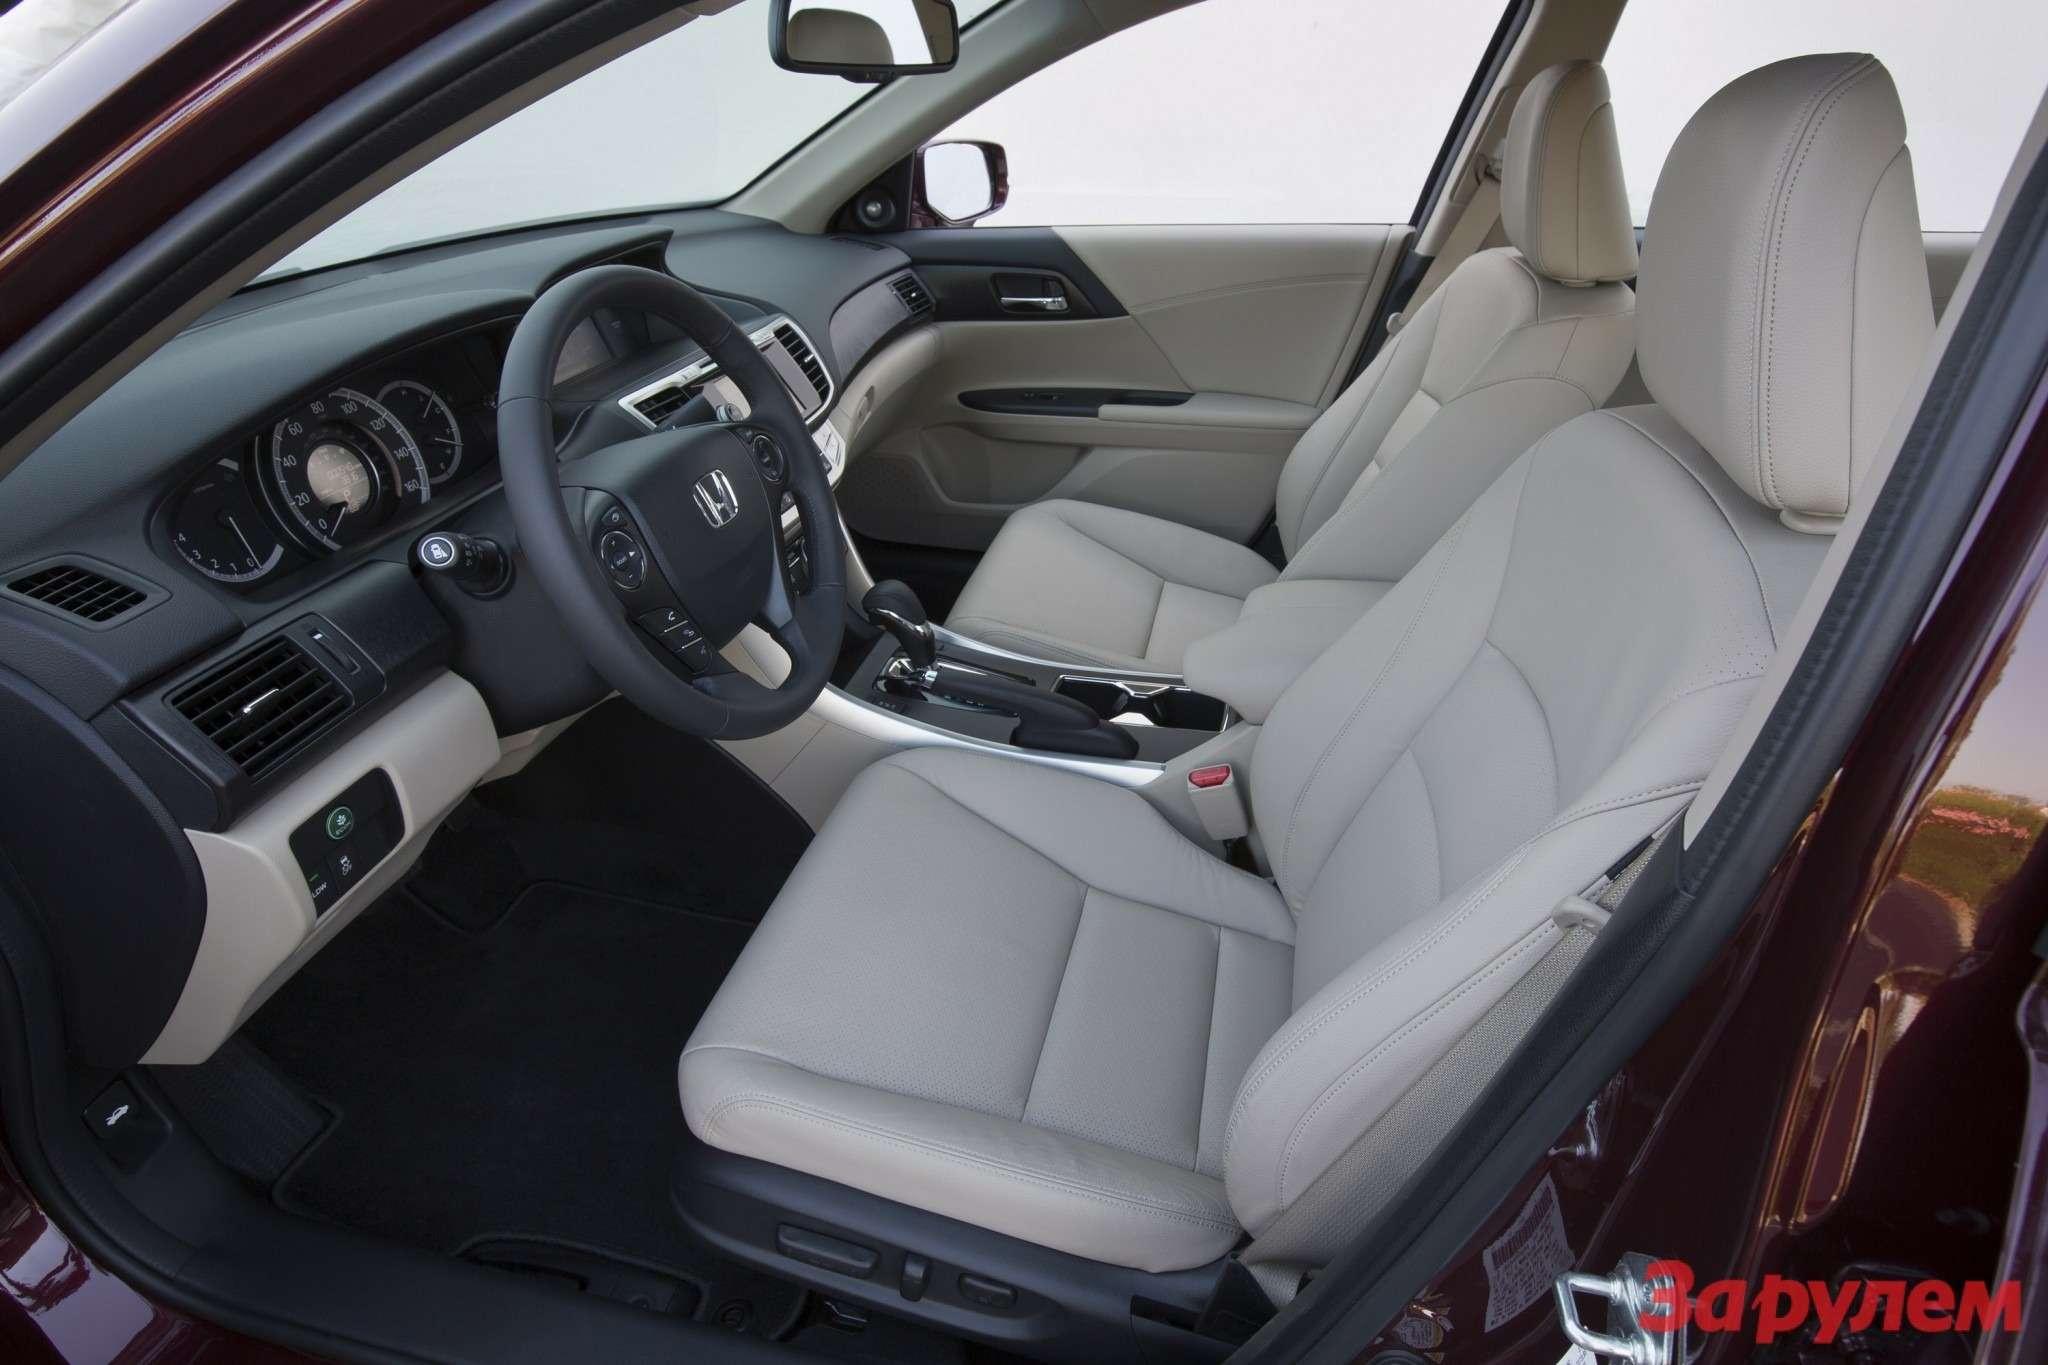 2013_Honda_Accord_EX-L_V-6_Sedan_int_001